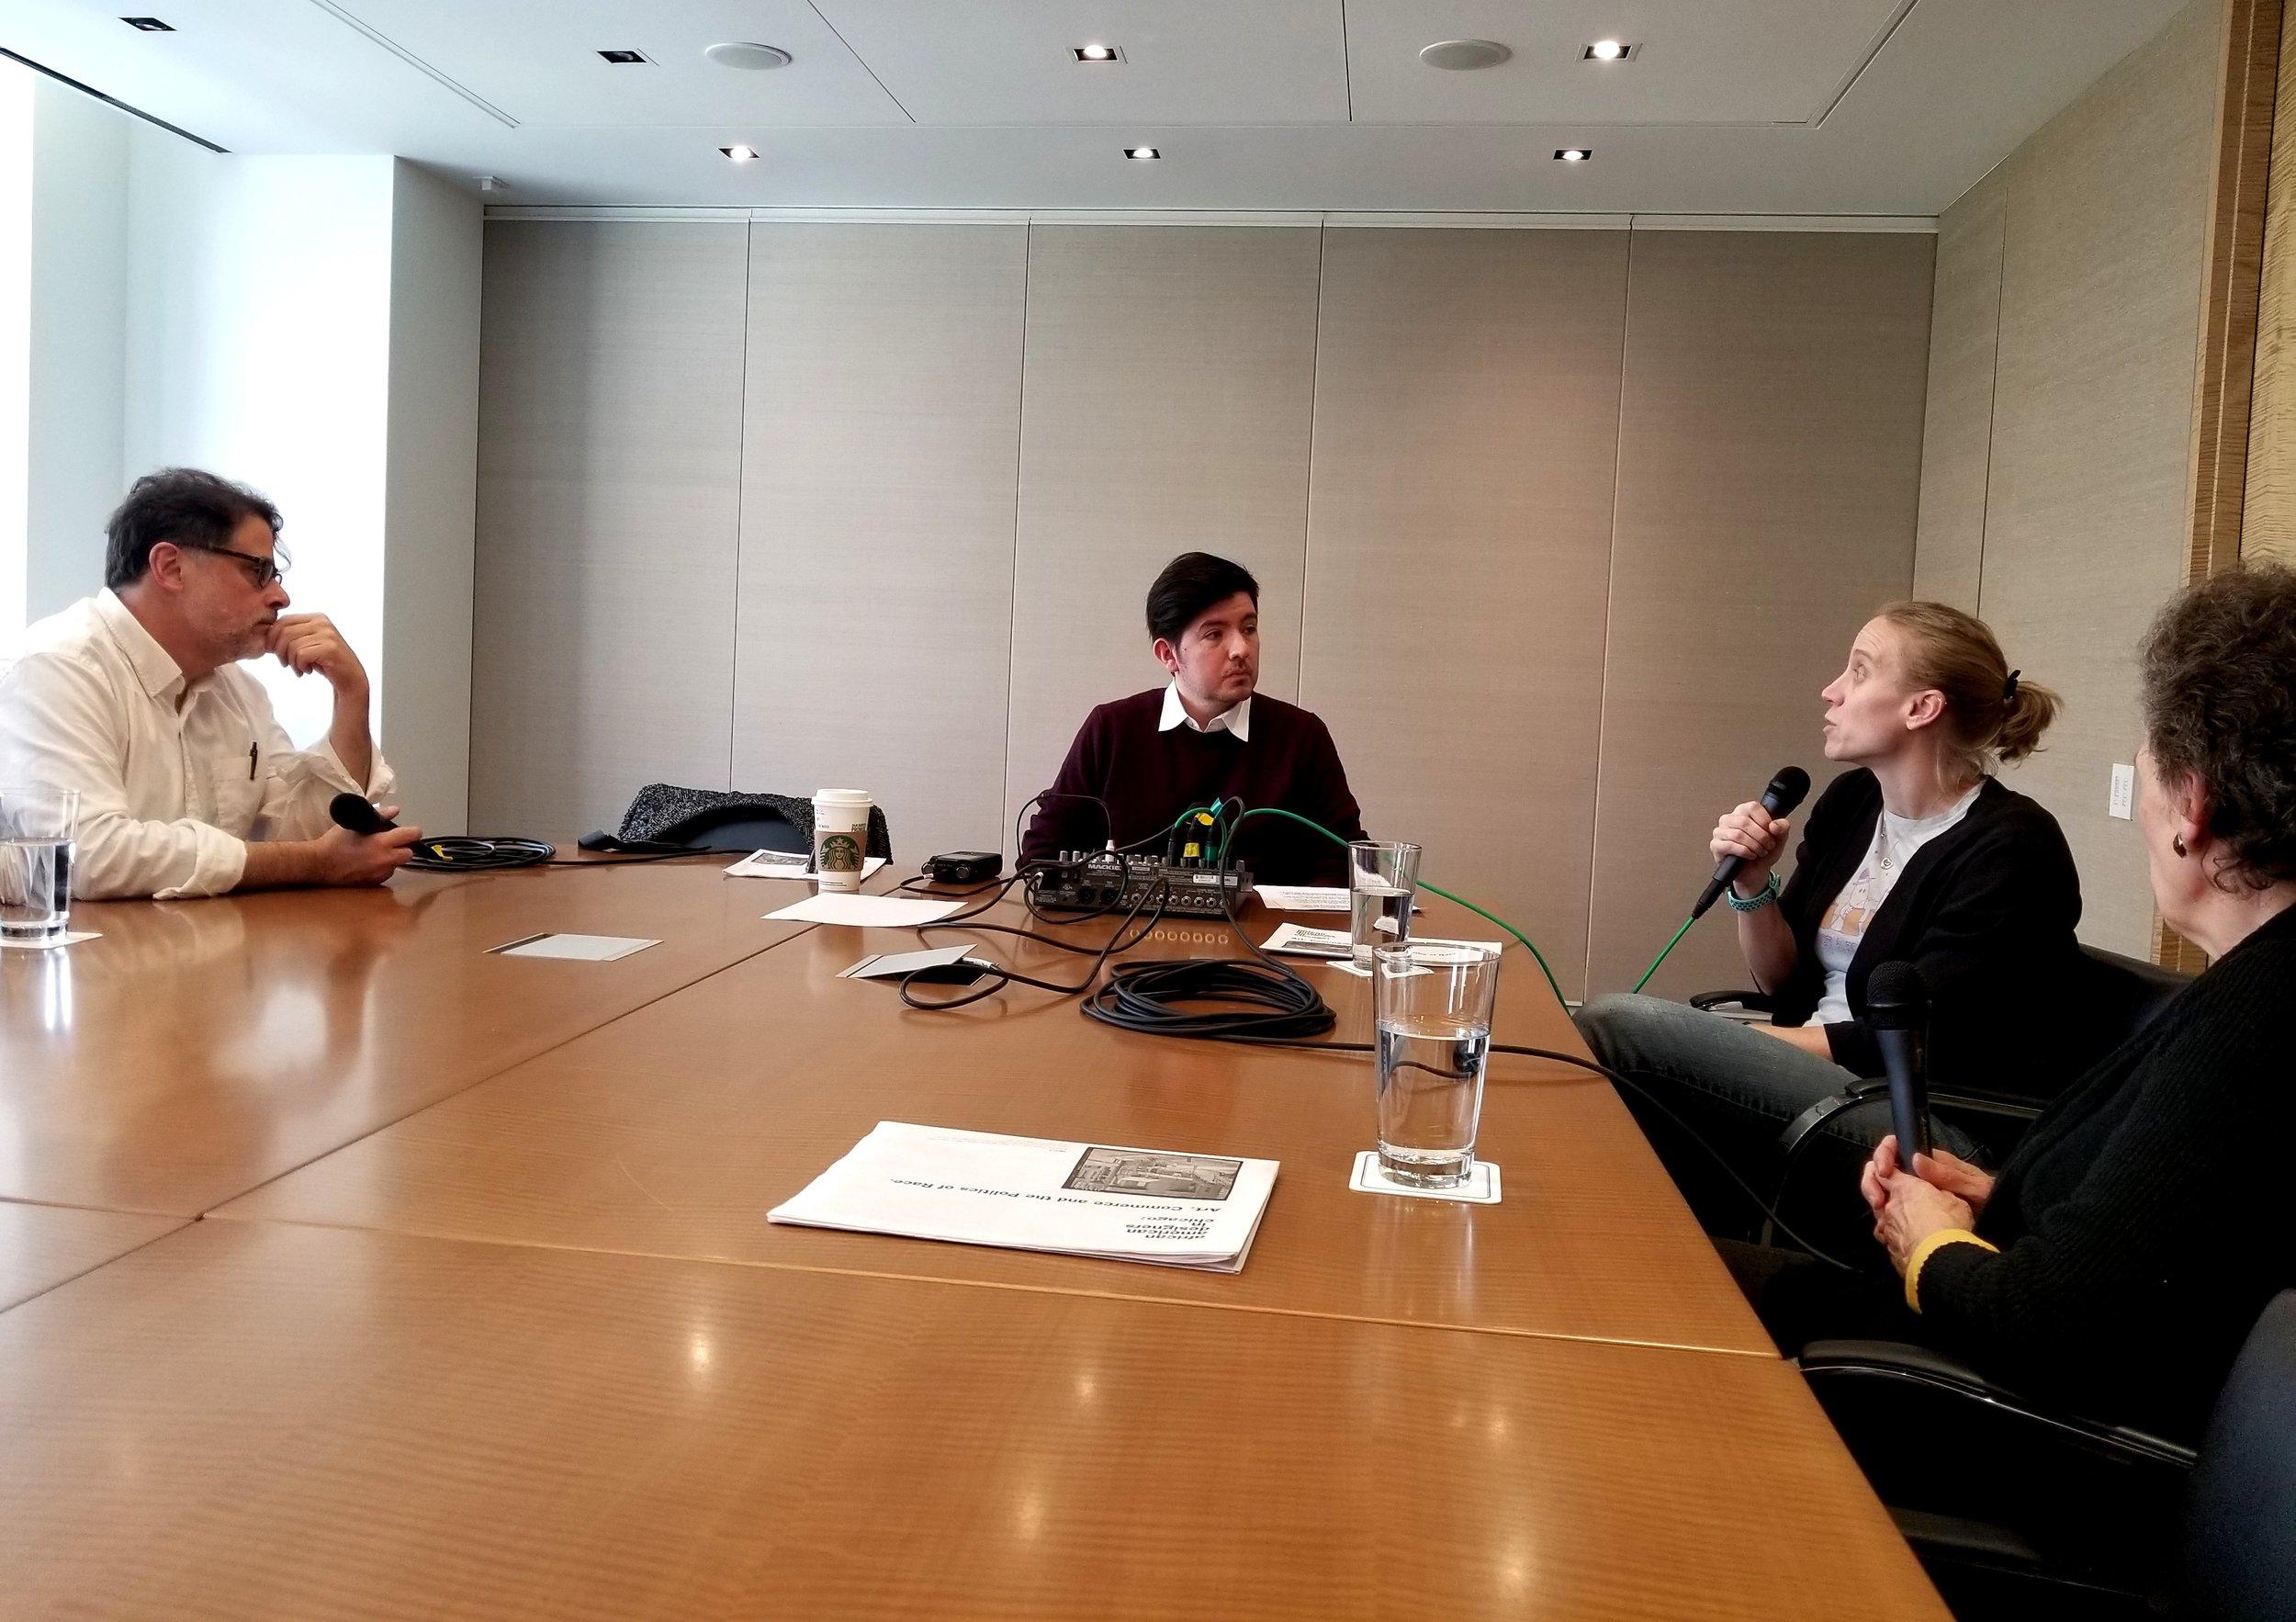 (left to right) Daniel Schulman, Gary Zidek, Lauren Boegen, and Olivia Mahoney